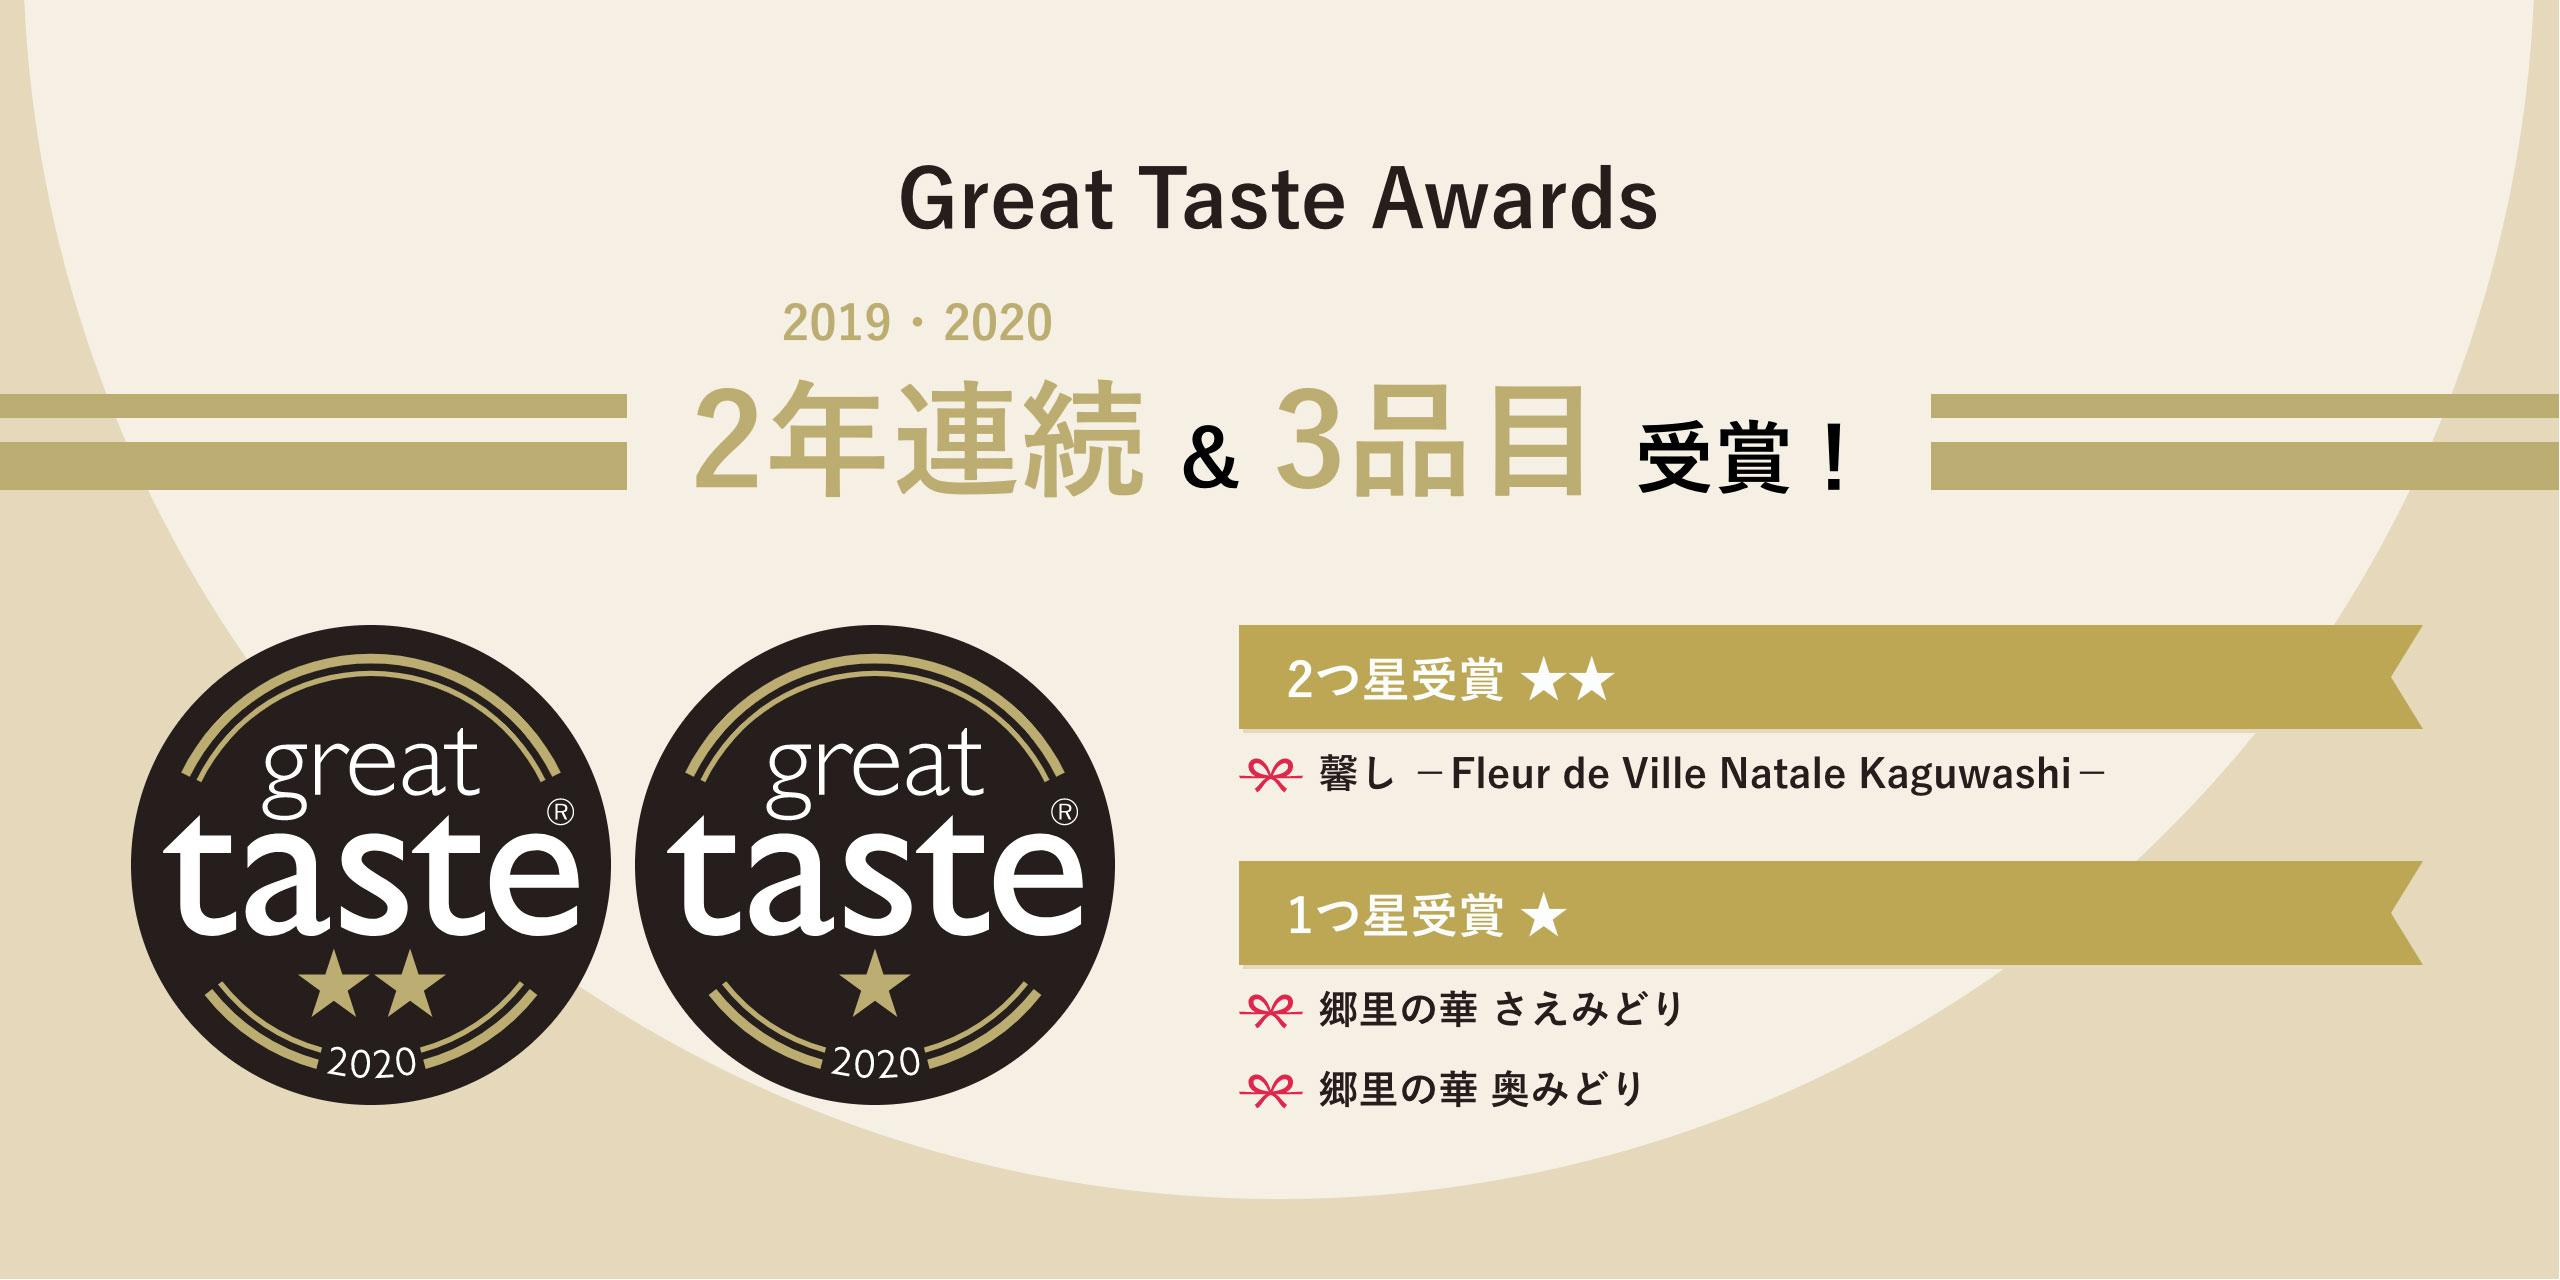 Great Taste Awards 2019 ・ 2020 2年連続 & 3品目受賞!